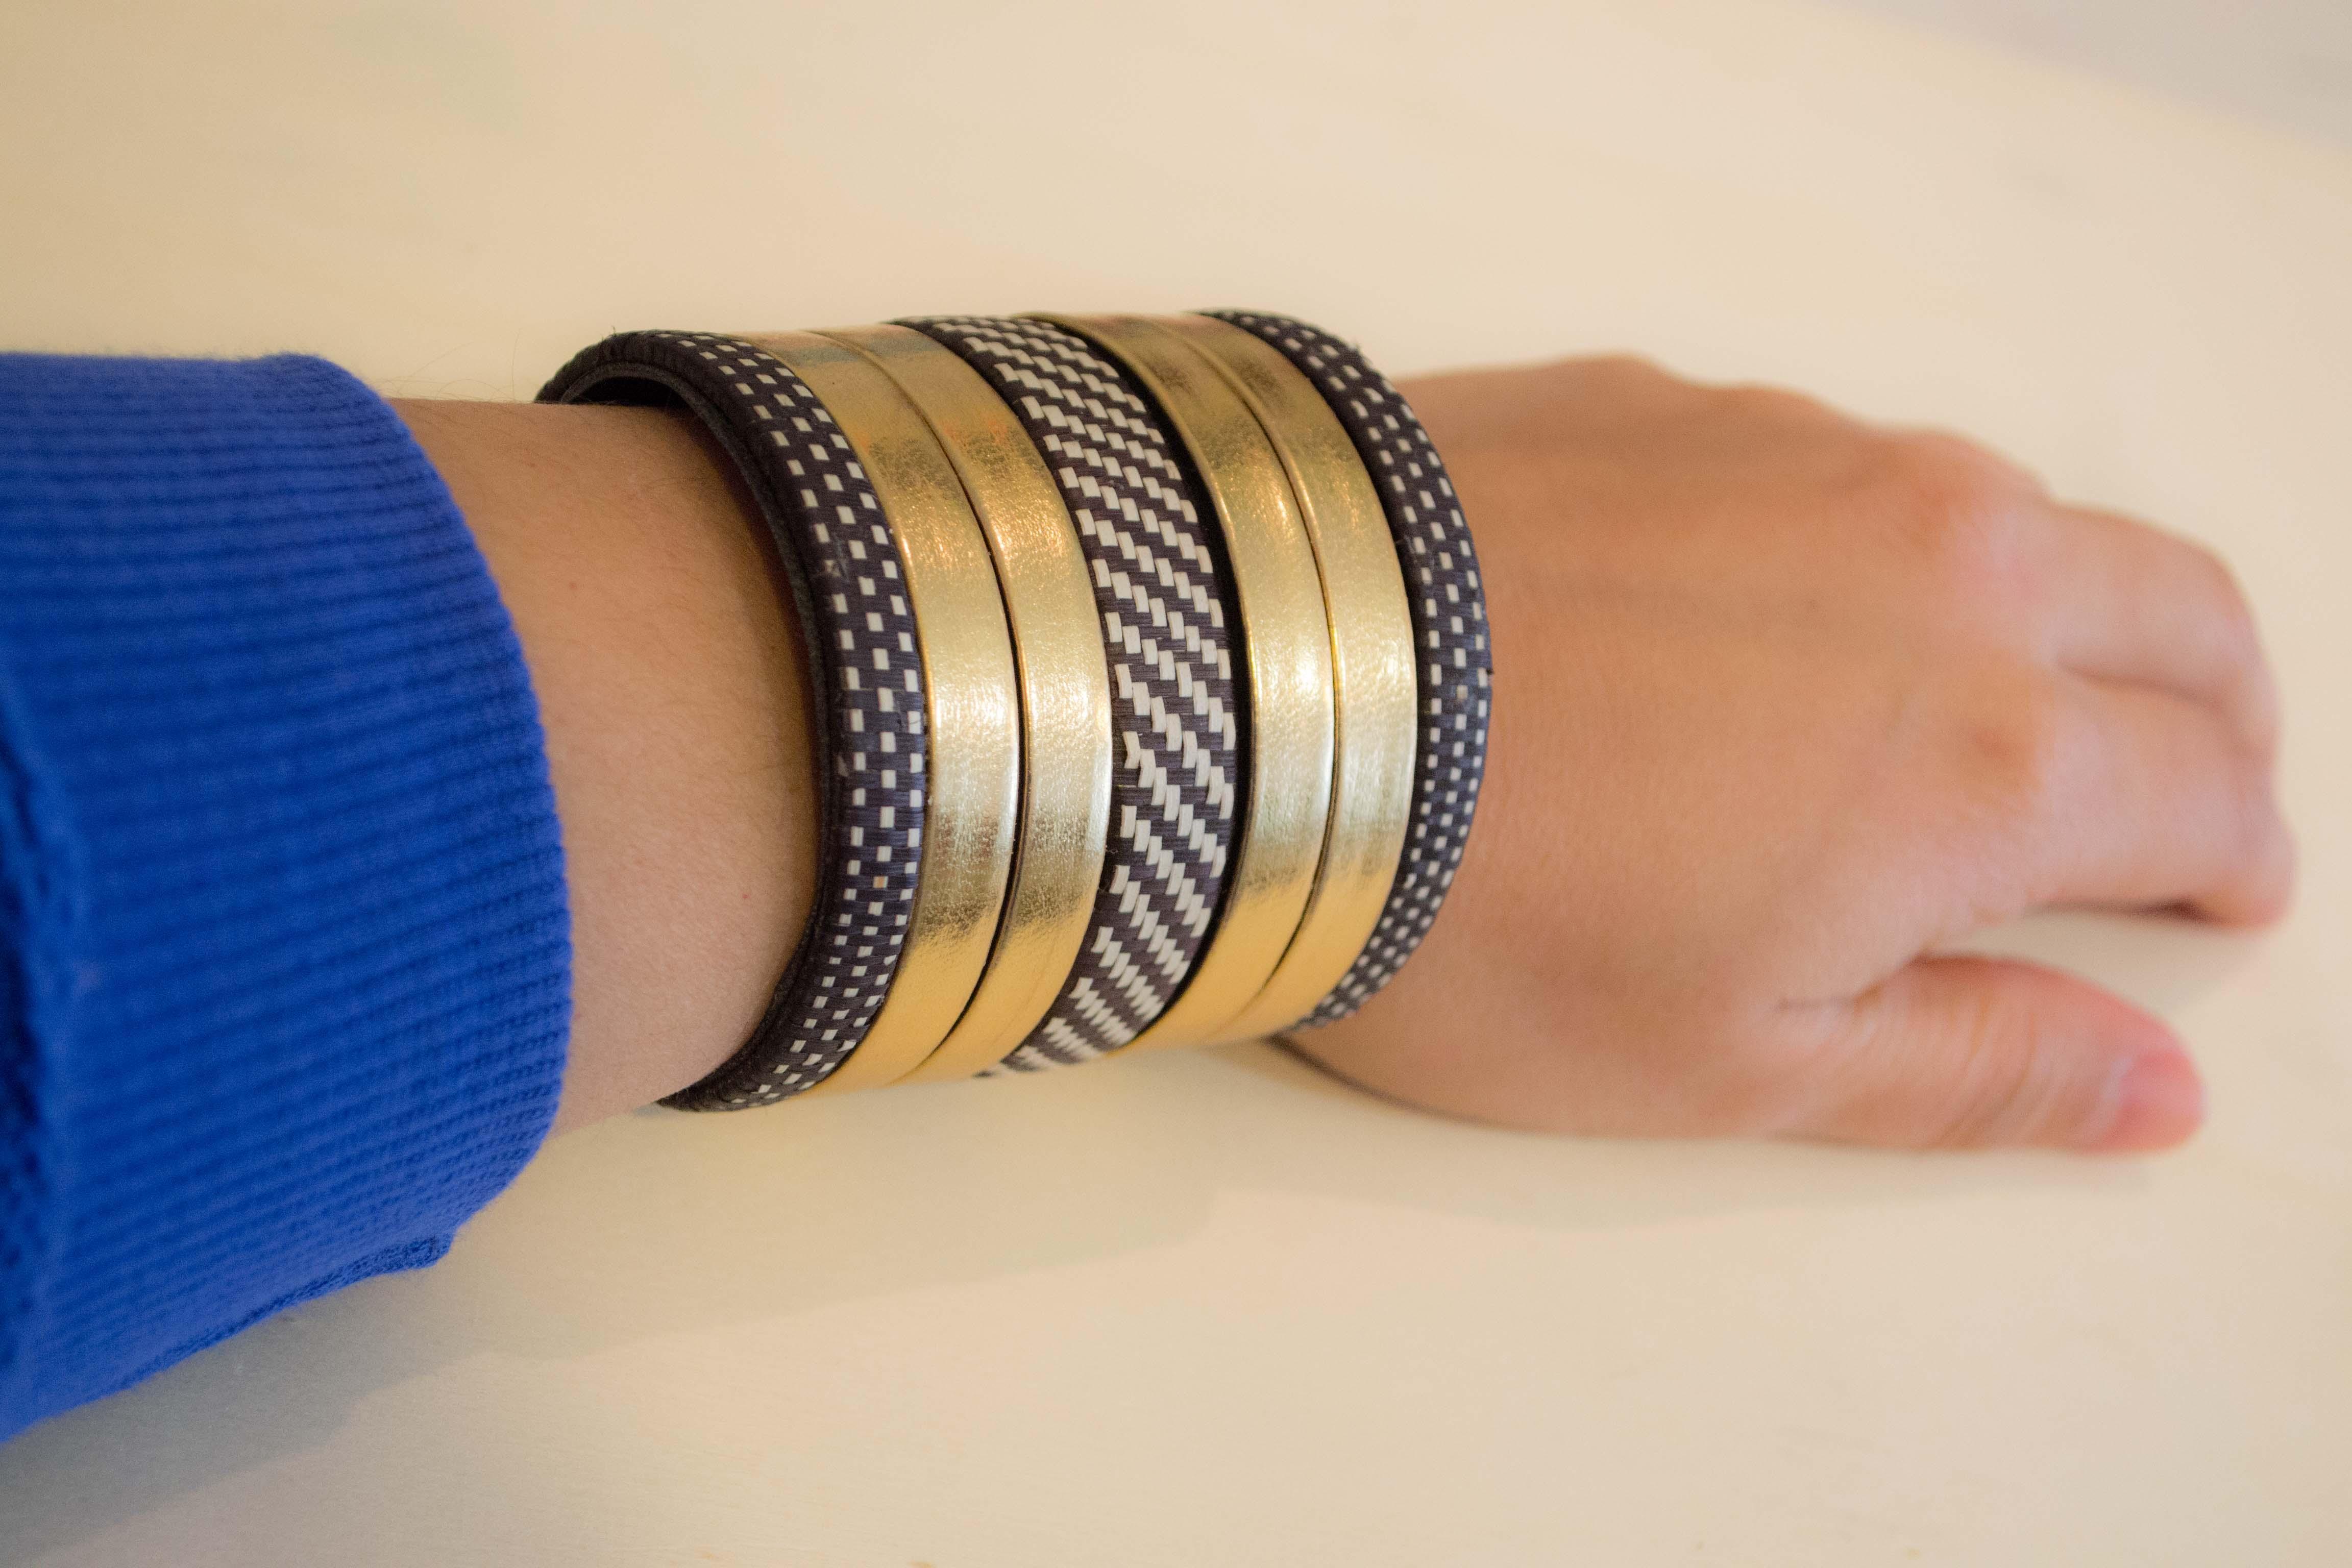 Armband aus Caña-Flecha mit Streifen in gold/Si...